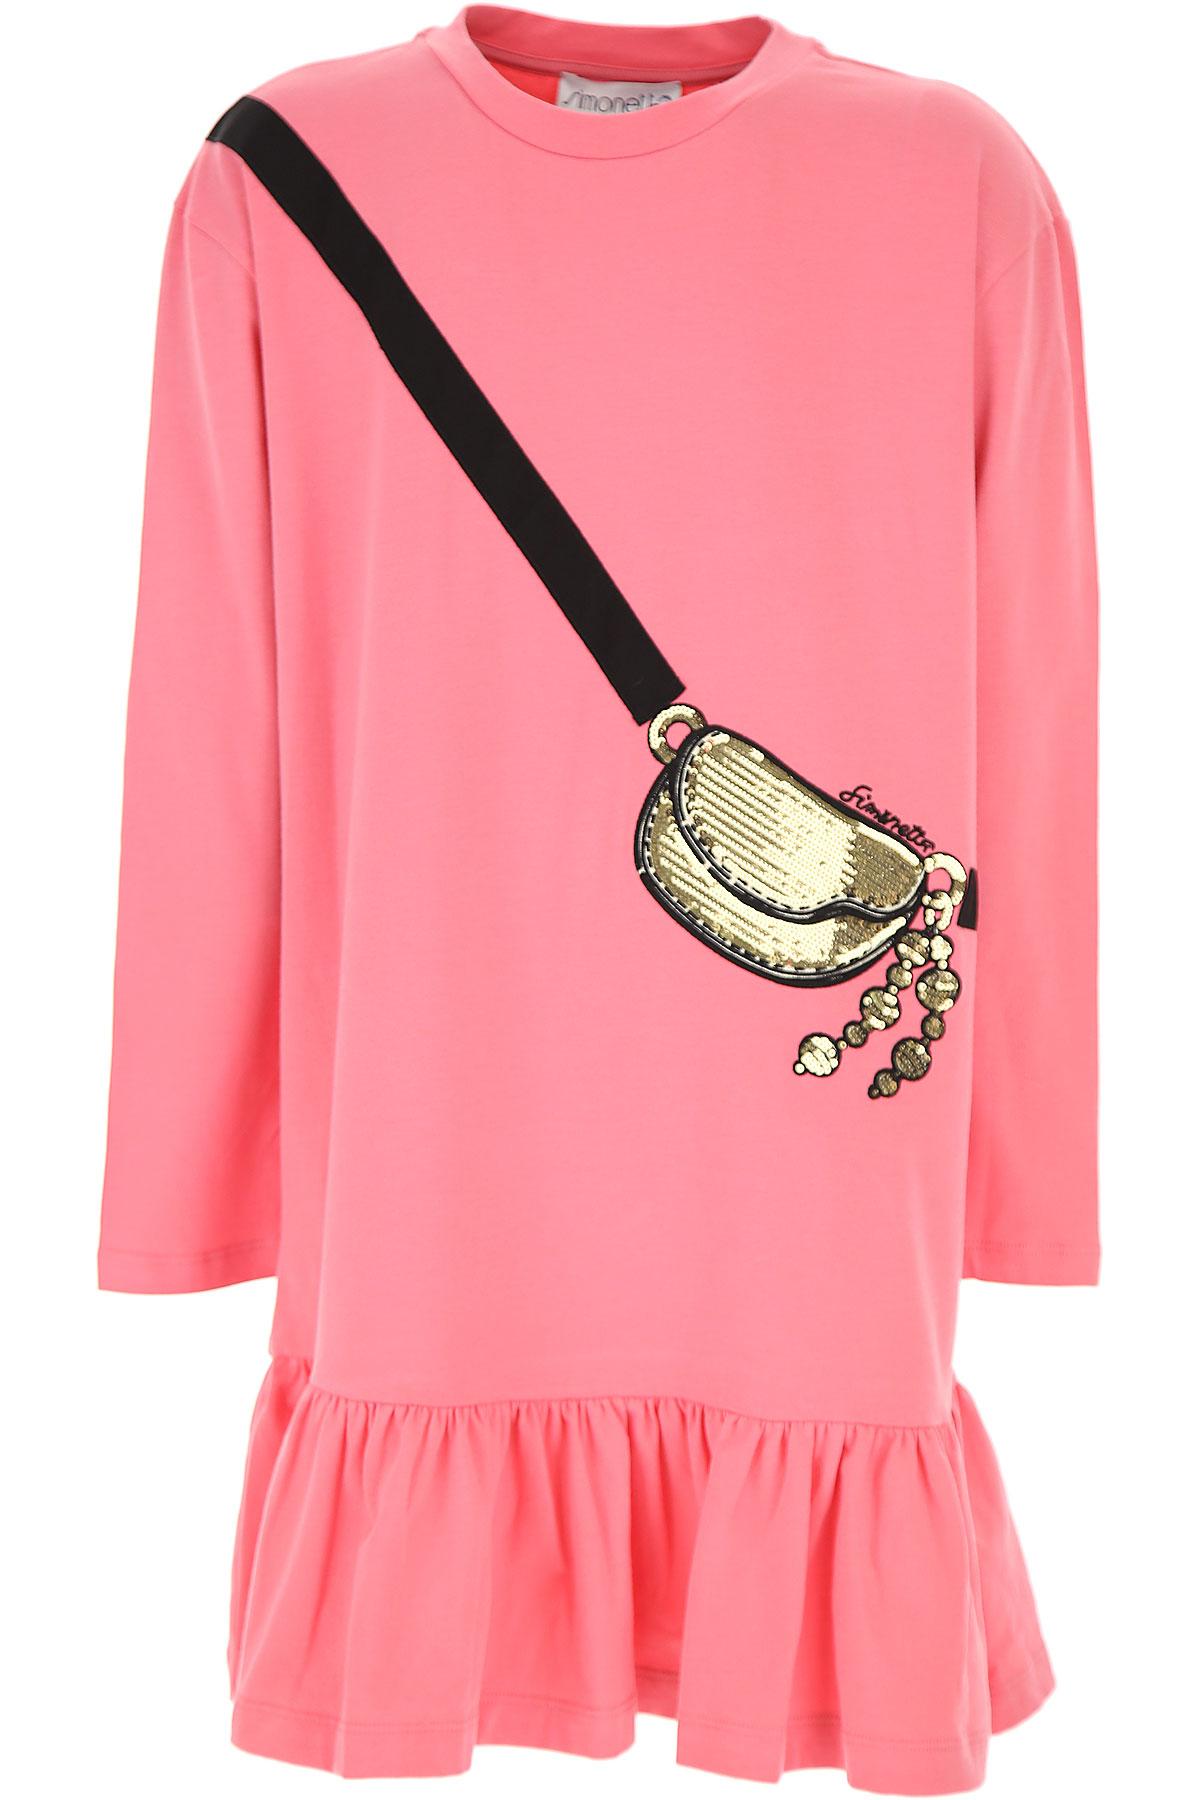 Simonetta Girls Dress On Sale, Pink, Cotton, 2019, 10Y 12Y 14Y 16Y 2Y 6Y 8Y